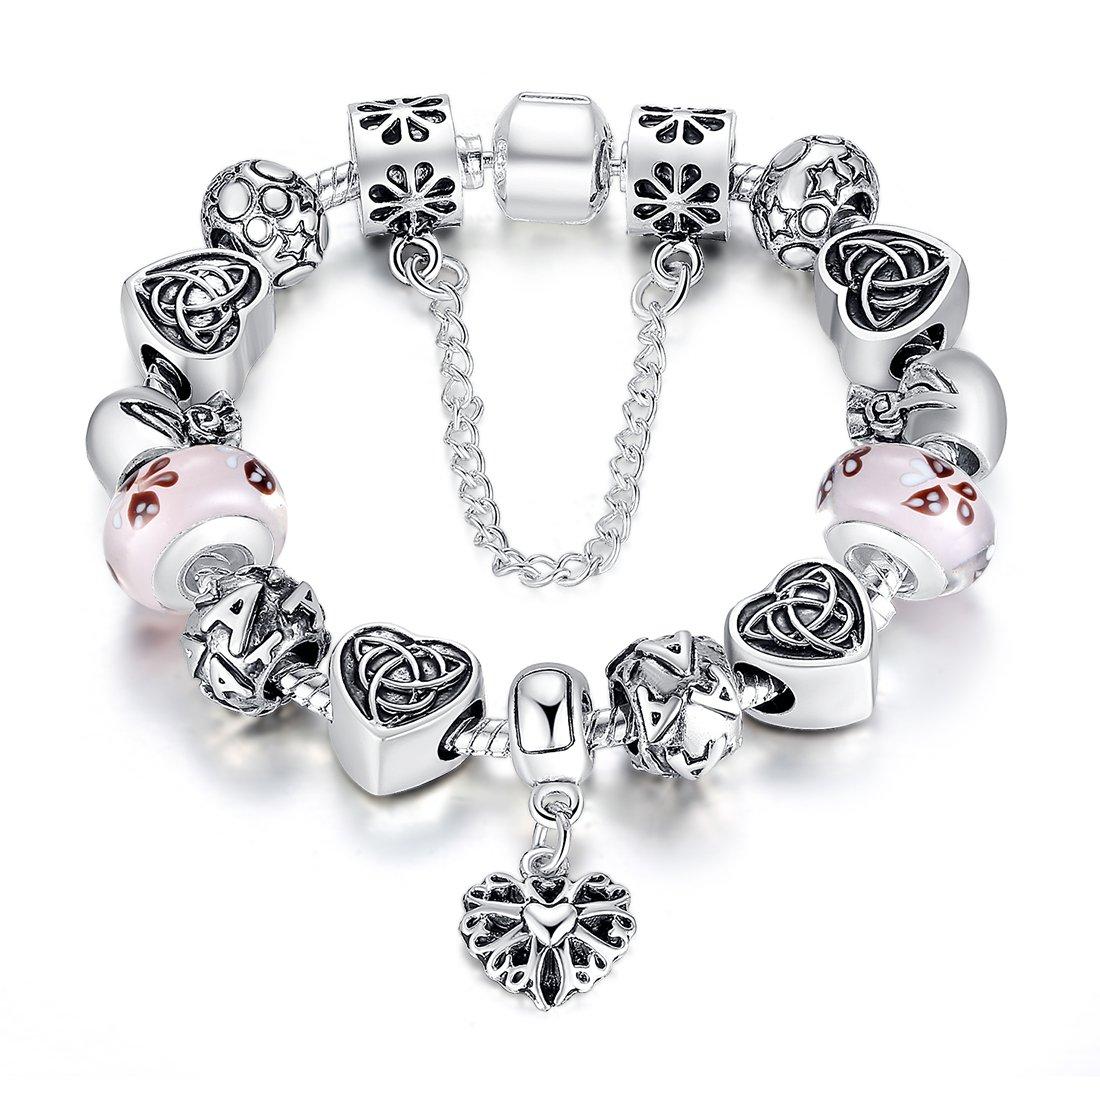 BISAER Murano Glass Beads Charm Bracelet Enameled Heart Silver Plated The World of Love Charm Bracelet European Style Snake Chain Bracelet Gifts for Teen Girls Christmas Gift 18cm (7)/20cm (7.8) Bamoer HJ1825